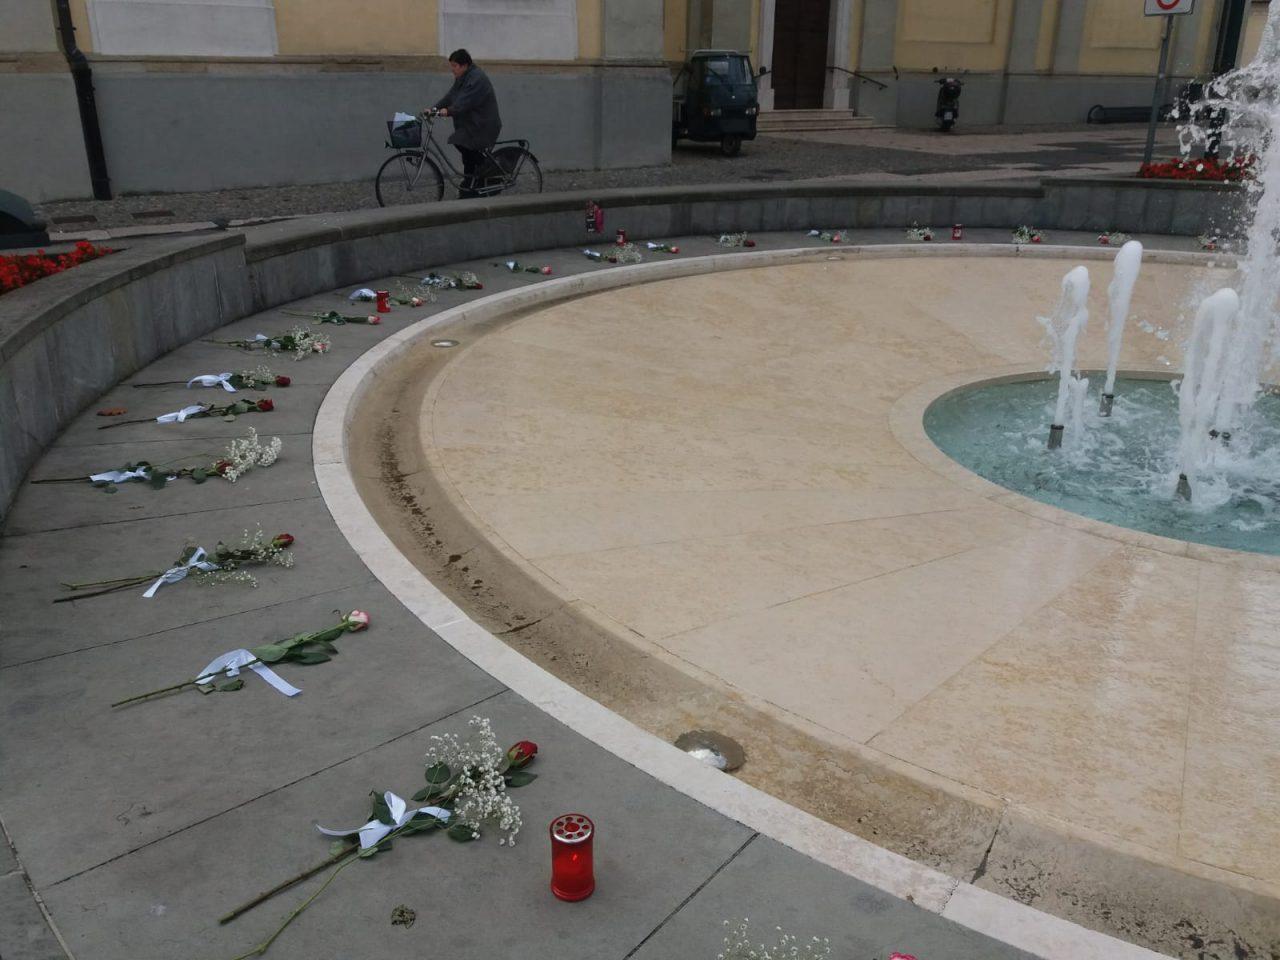 Omicidio Cologno